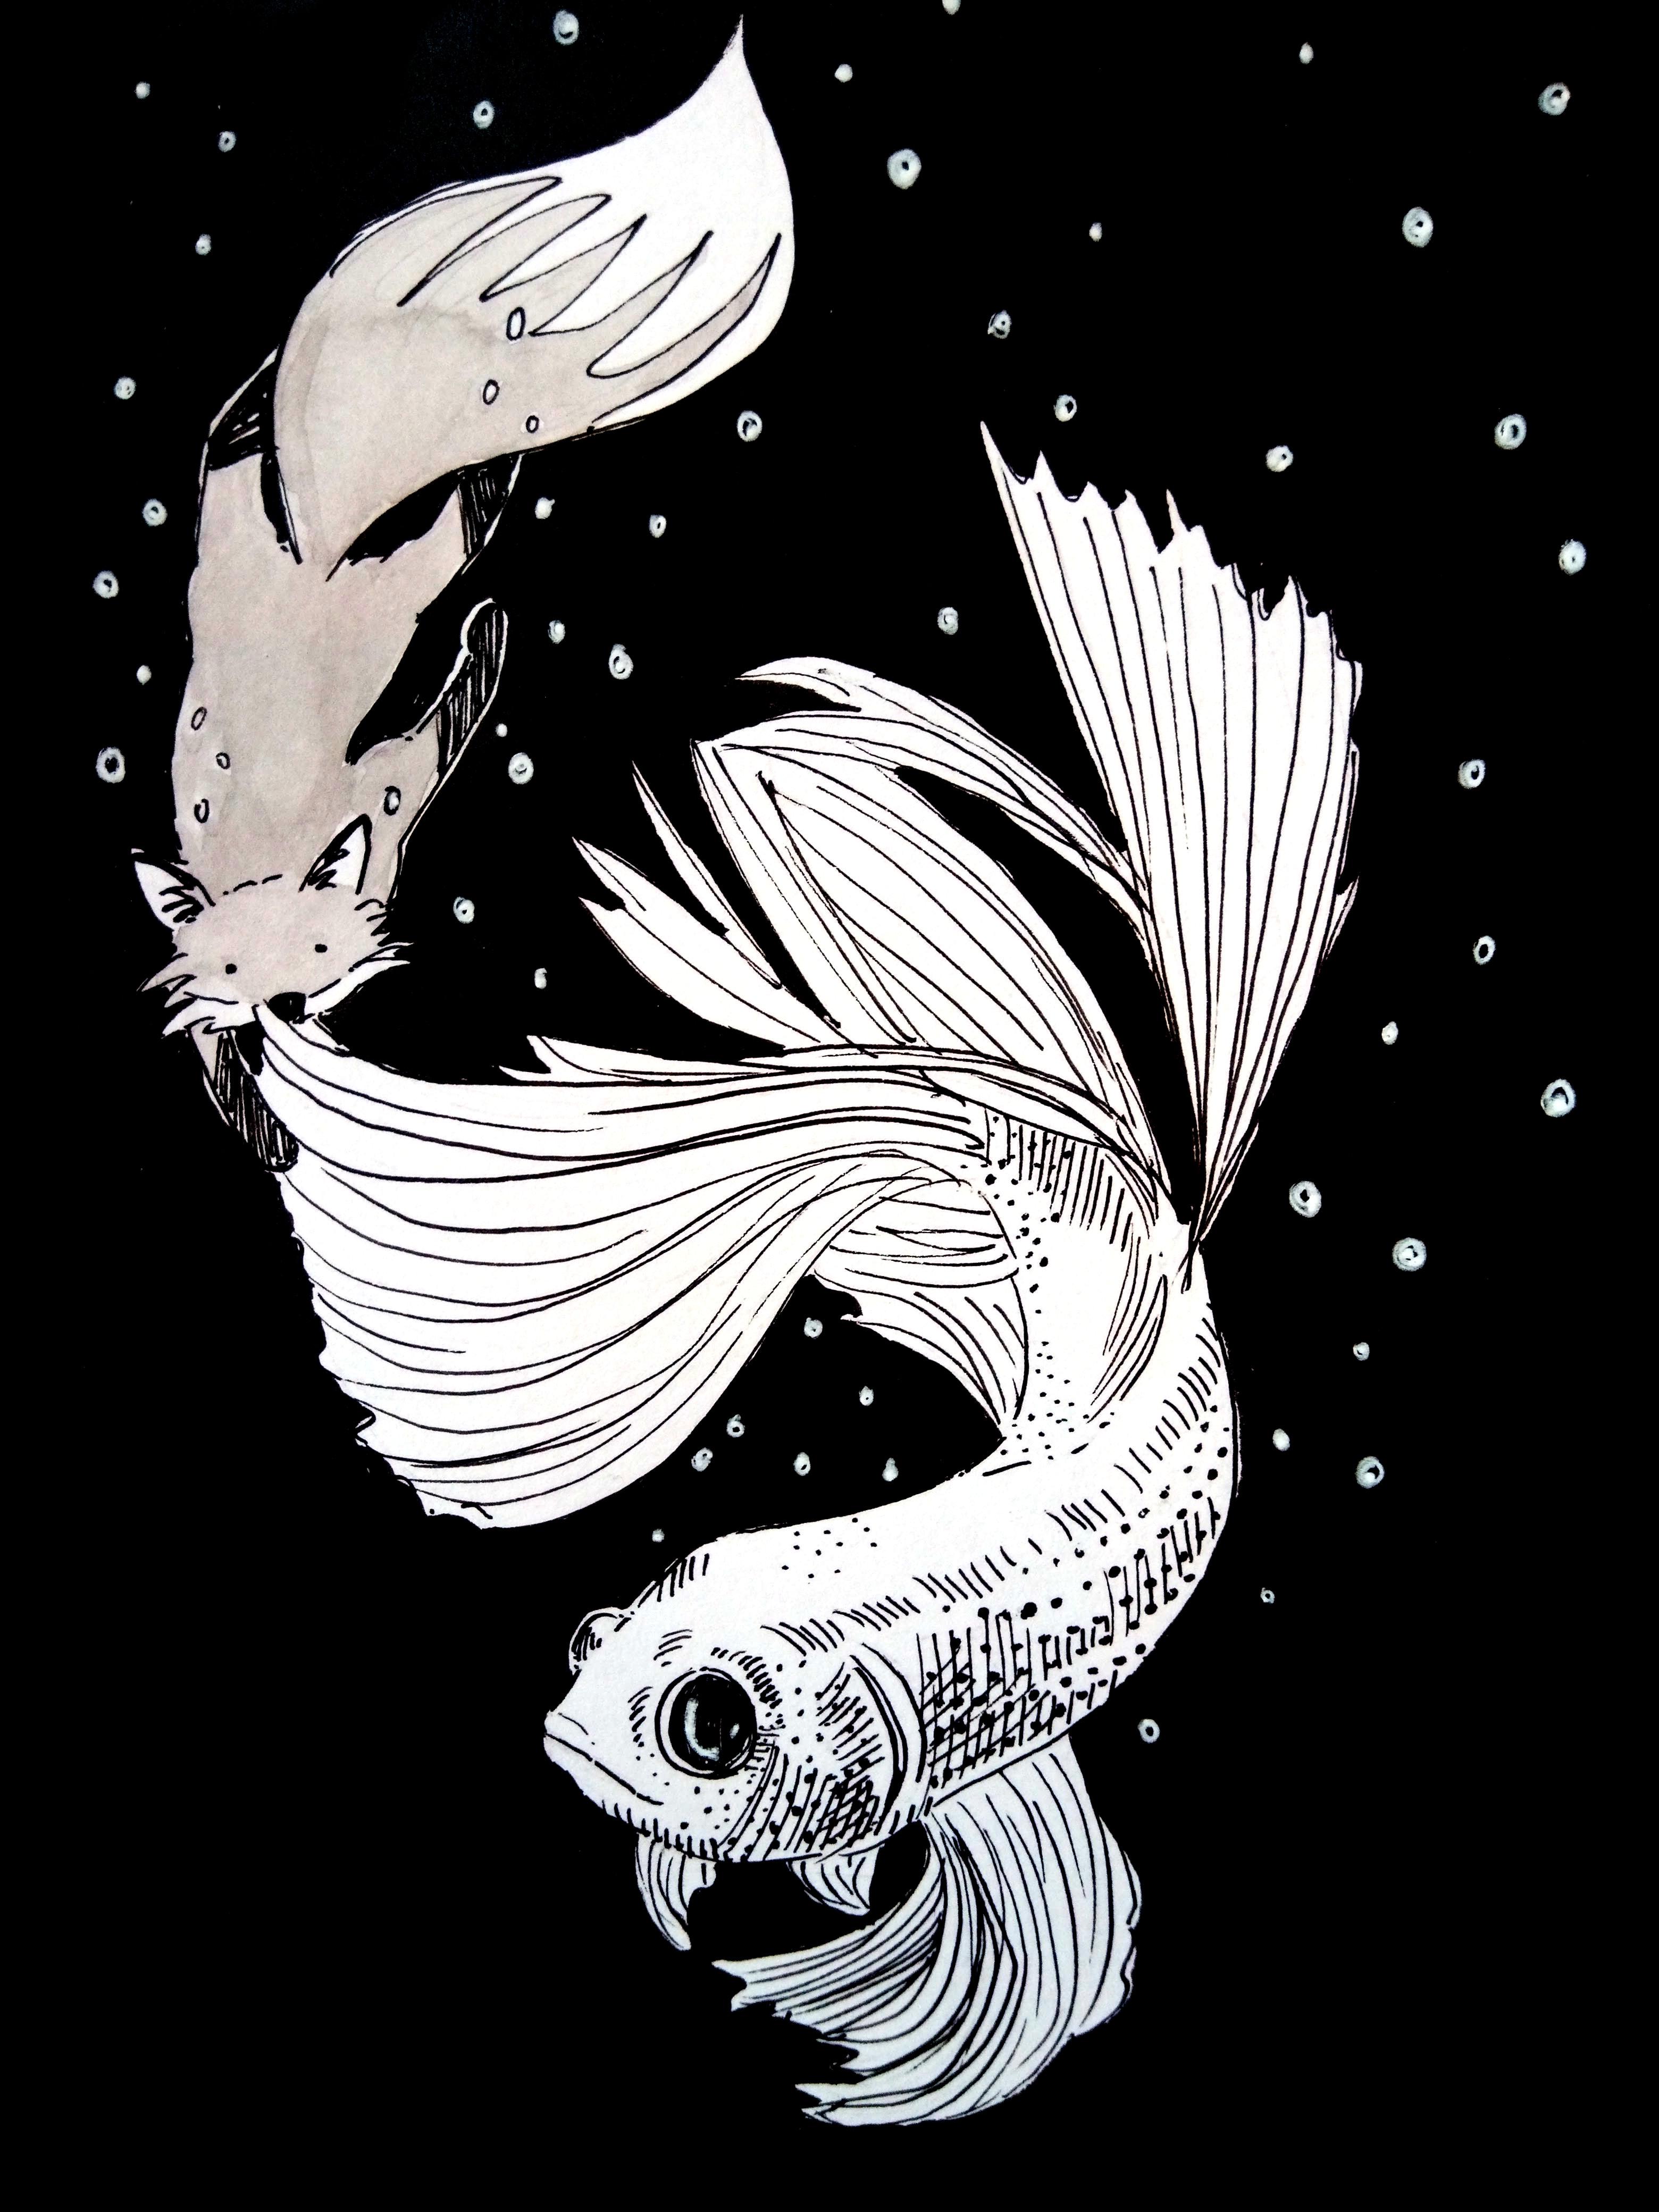 201101-catching-fish-Melanie Franz